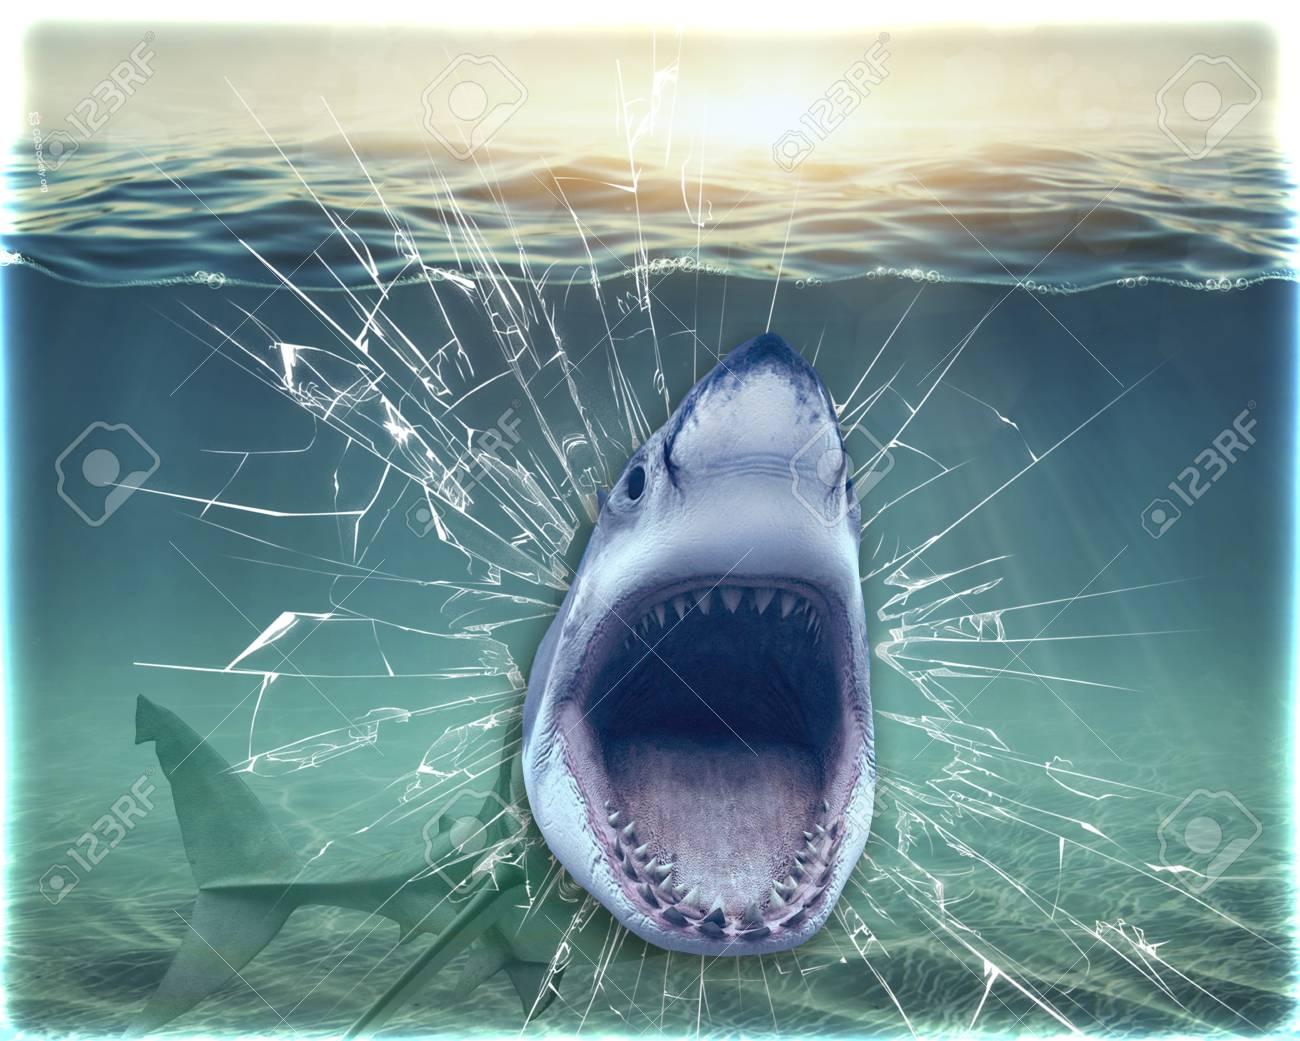 壁から出てくるサメ 壁の壁紙 3 D レンダリング の写真素材 画像